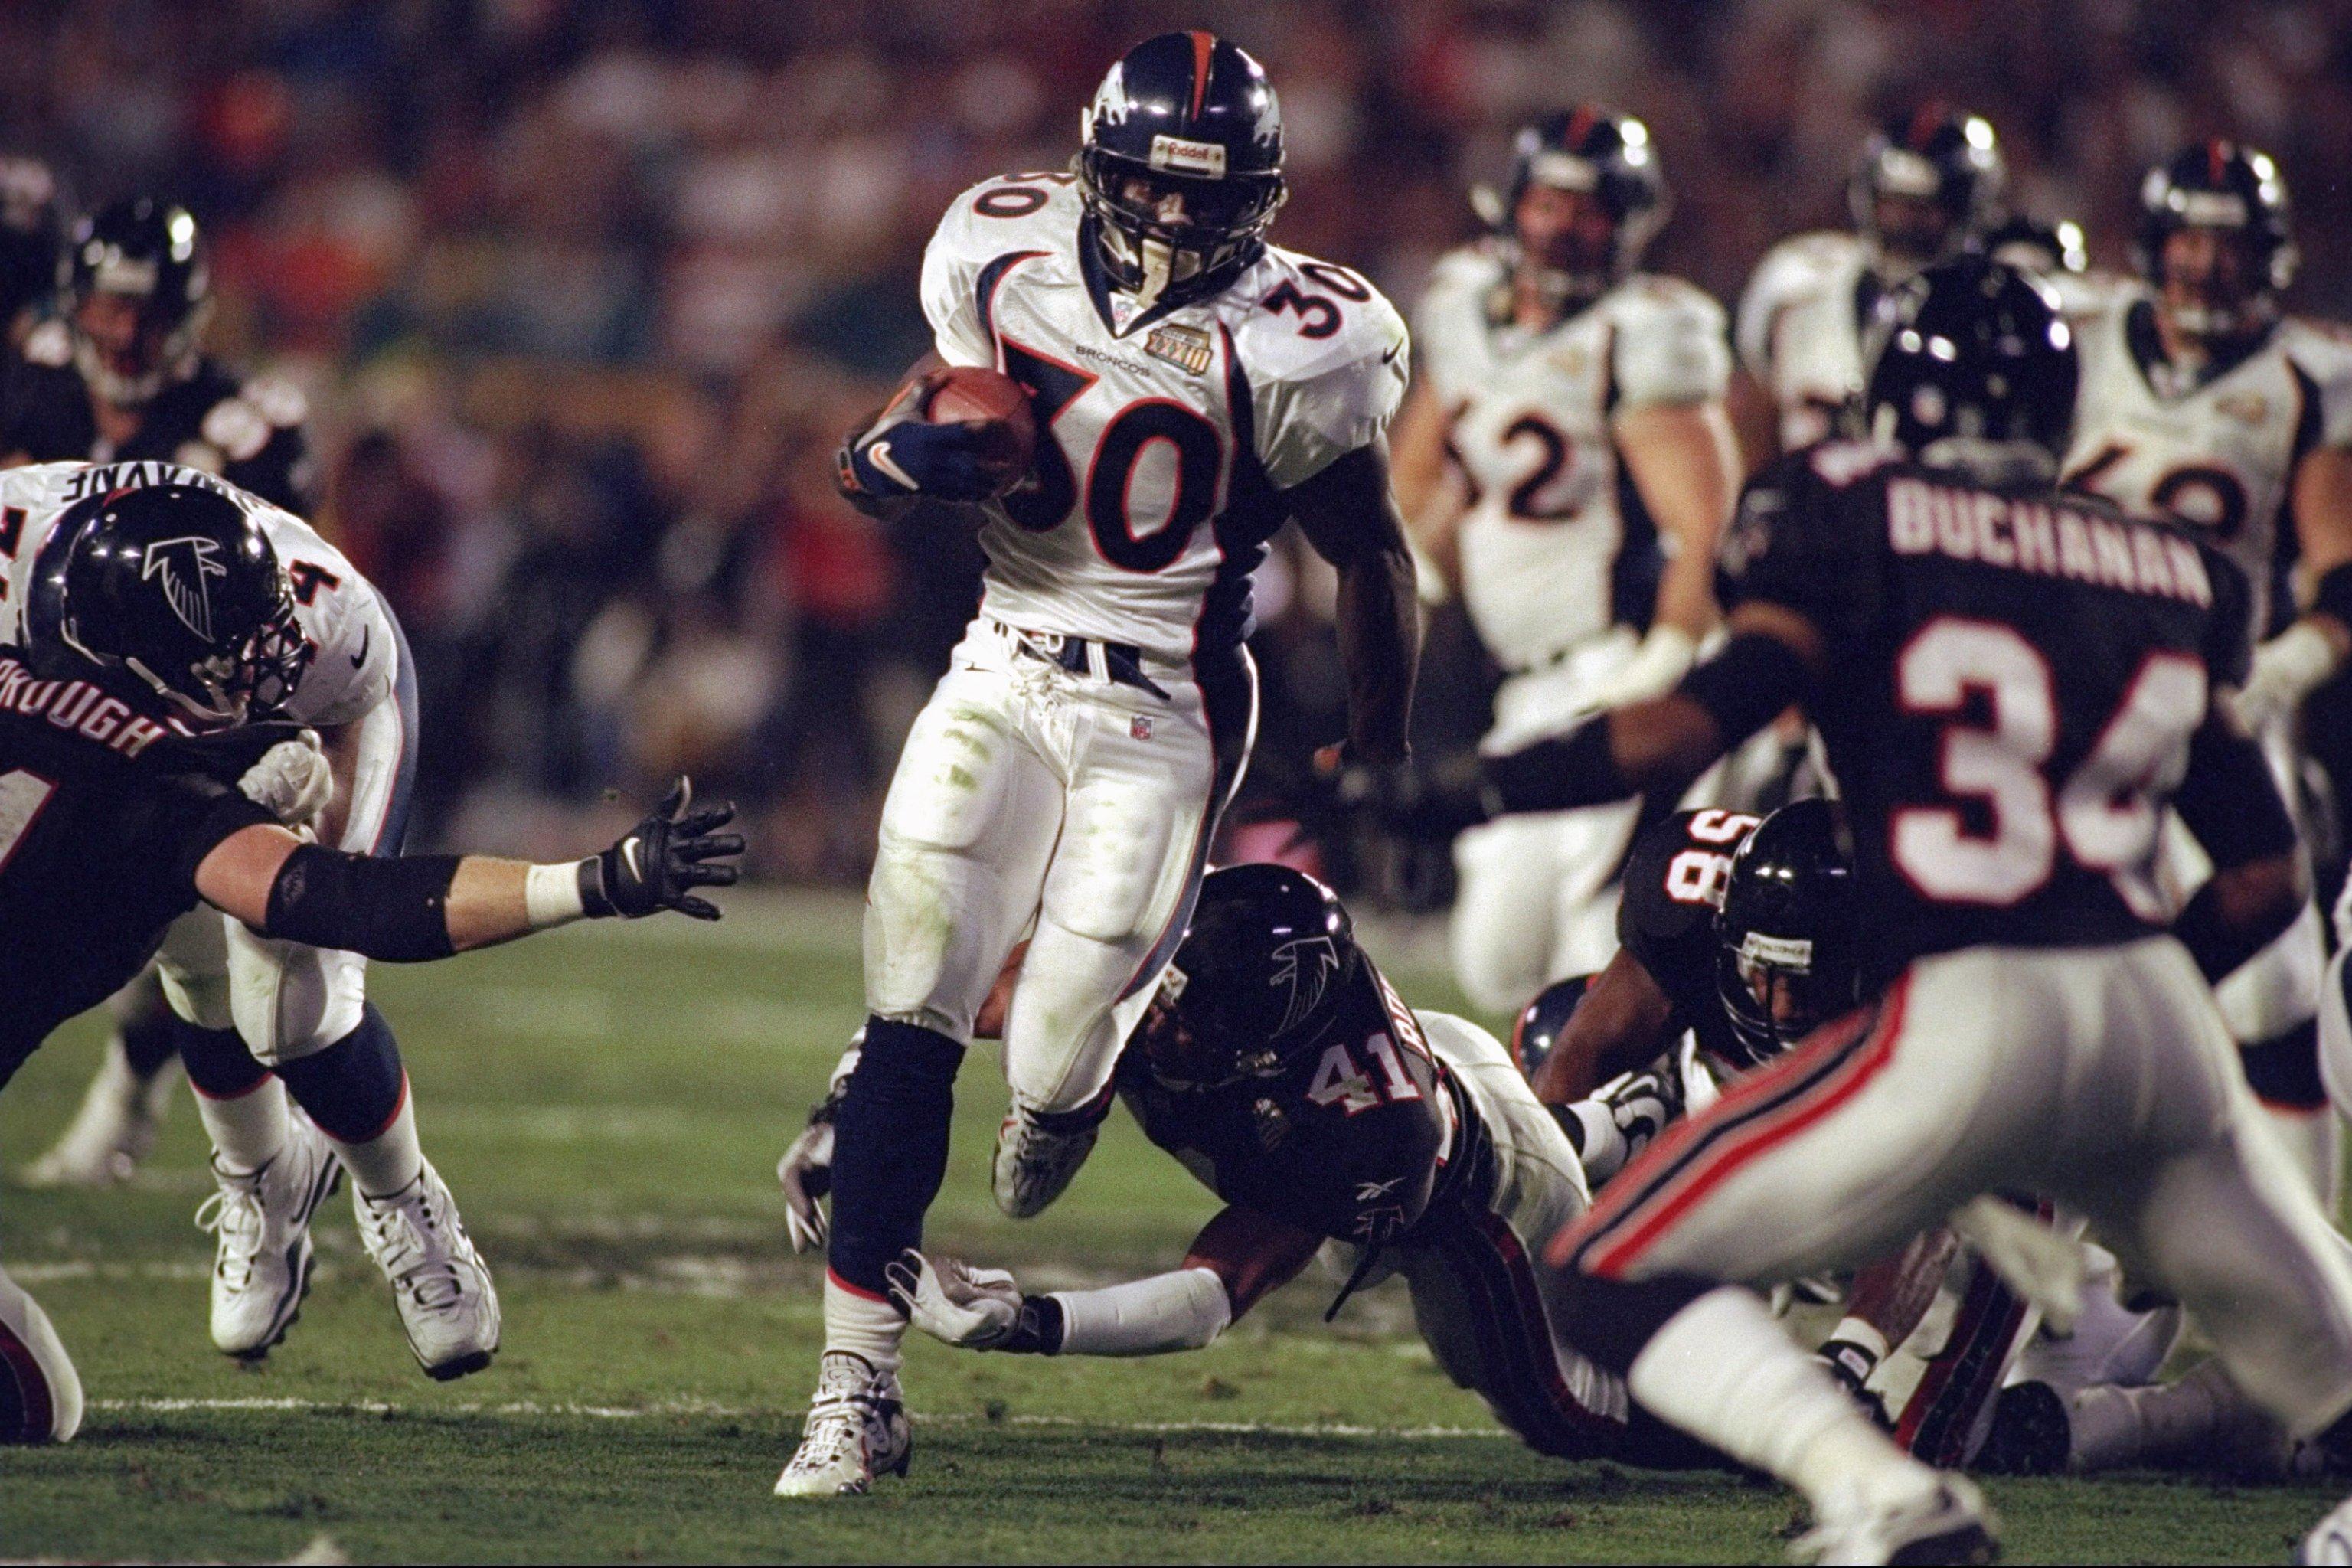 Terrell-Davis-Denver-Broncos-Super-Bowl